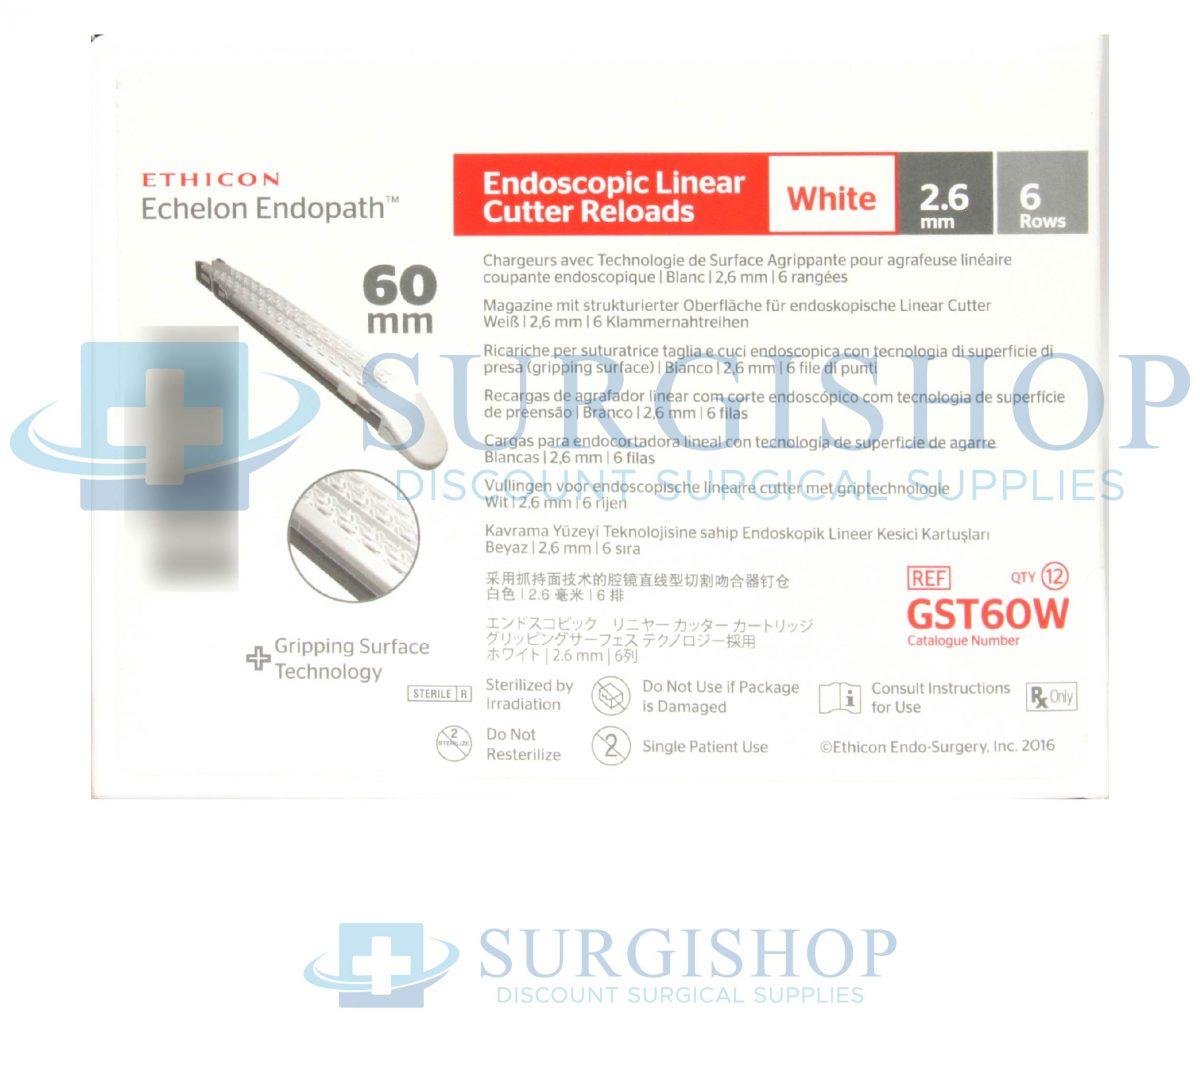 GST60W – Ethicon Echelon Flex GST System Reload (White) 60.0mm x 2.6mm Box of 12